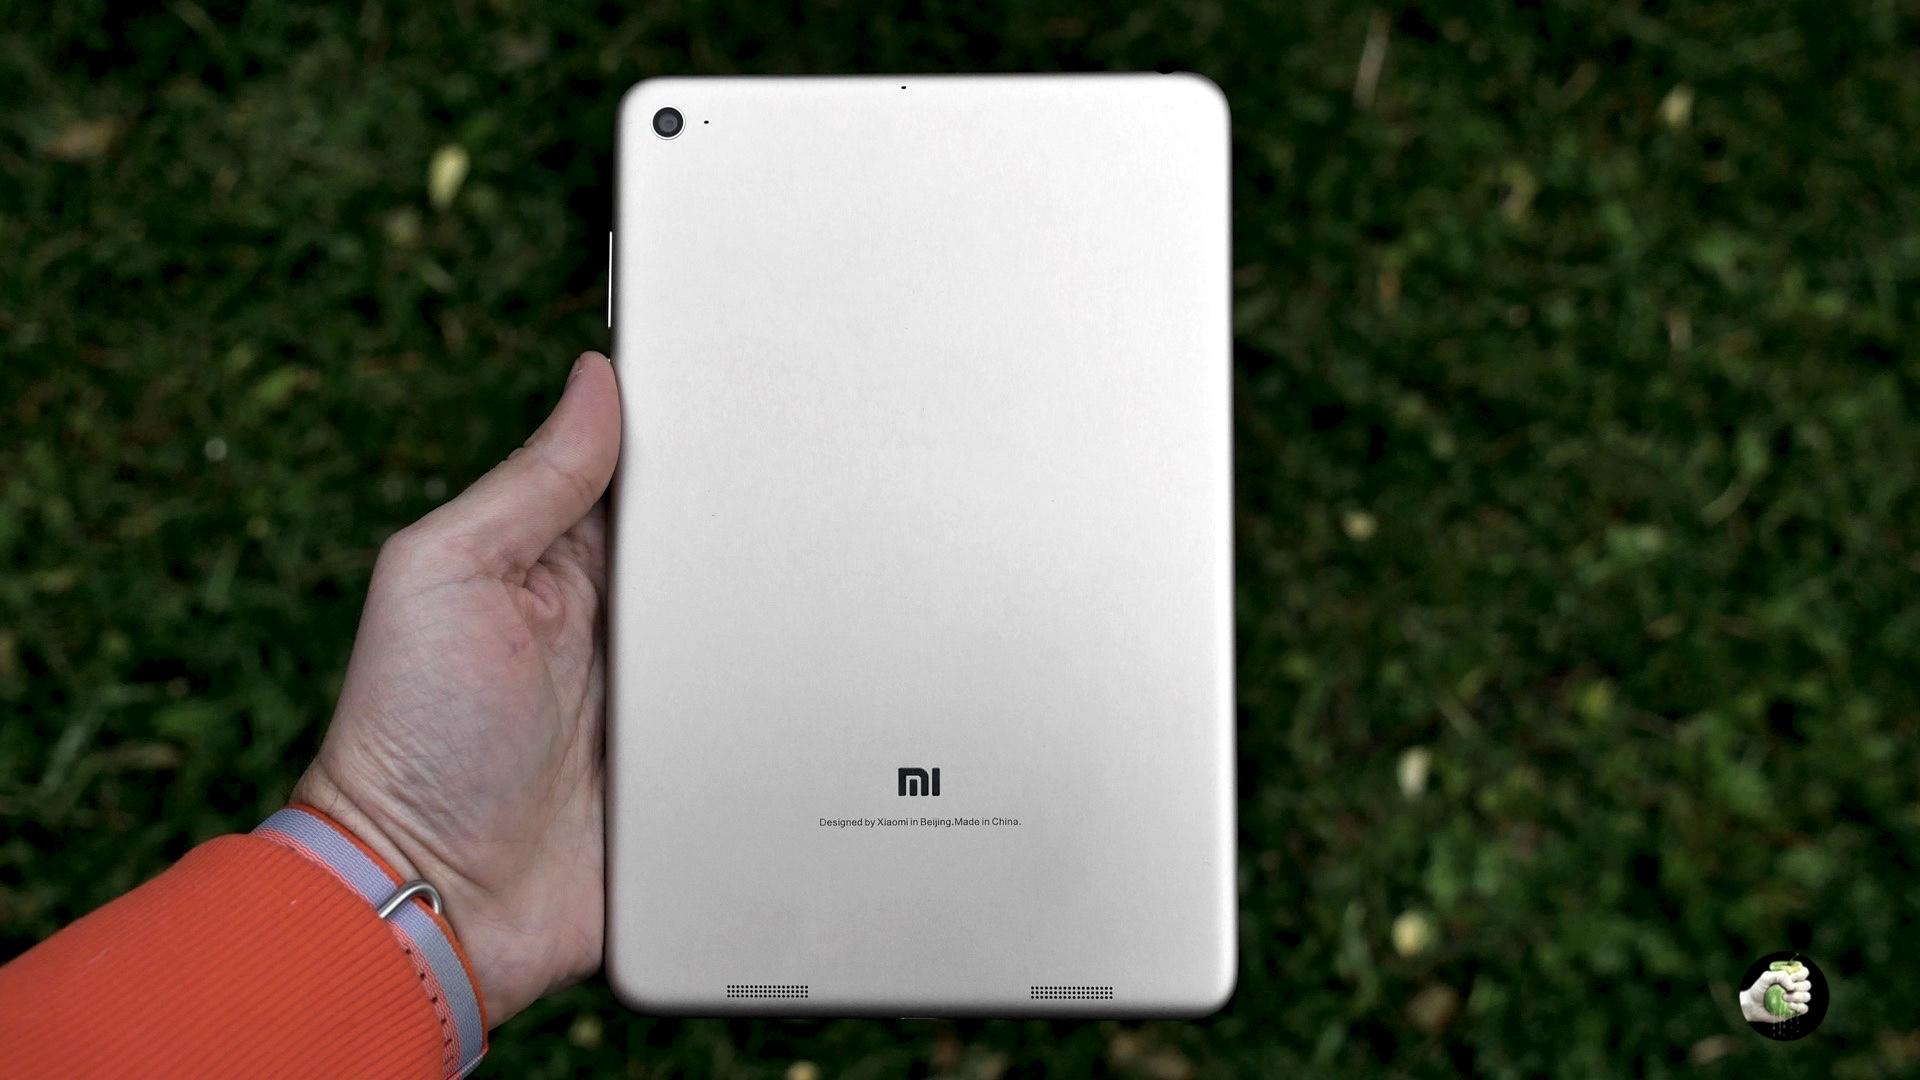 Планшеты на Android мертвы, но Xiaomi работает над новым Mi Pad